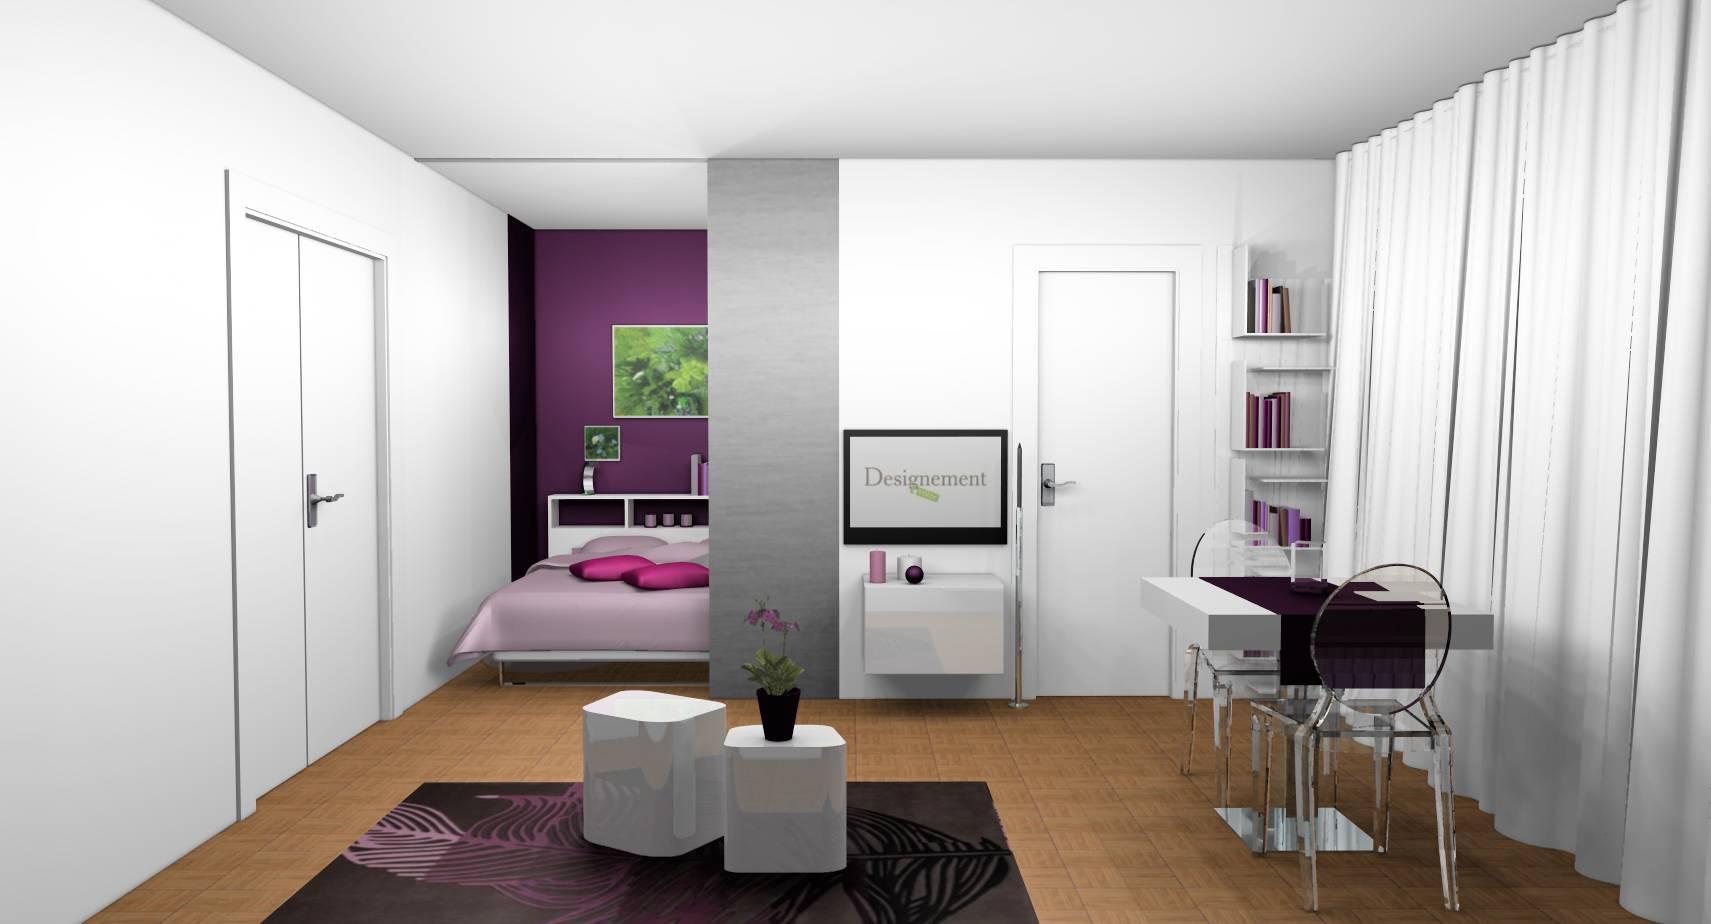 d coration d 39 int rieur d 39 une pi ce de vie studio paris 75018 designement v tre. Black Bedroom Furniture Sets. Home Design Ideas